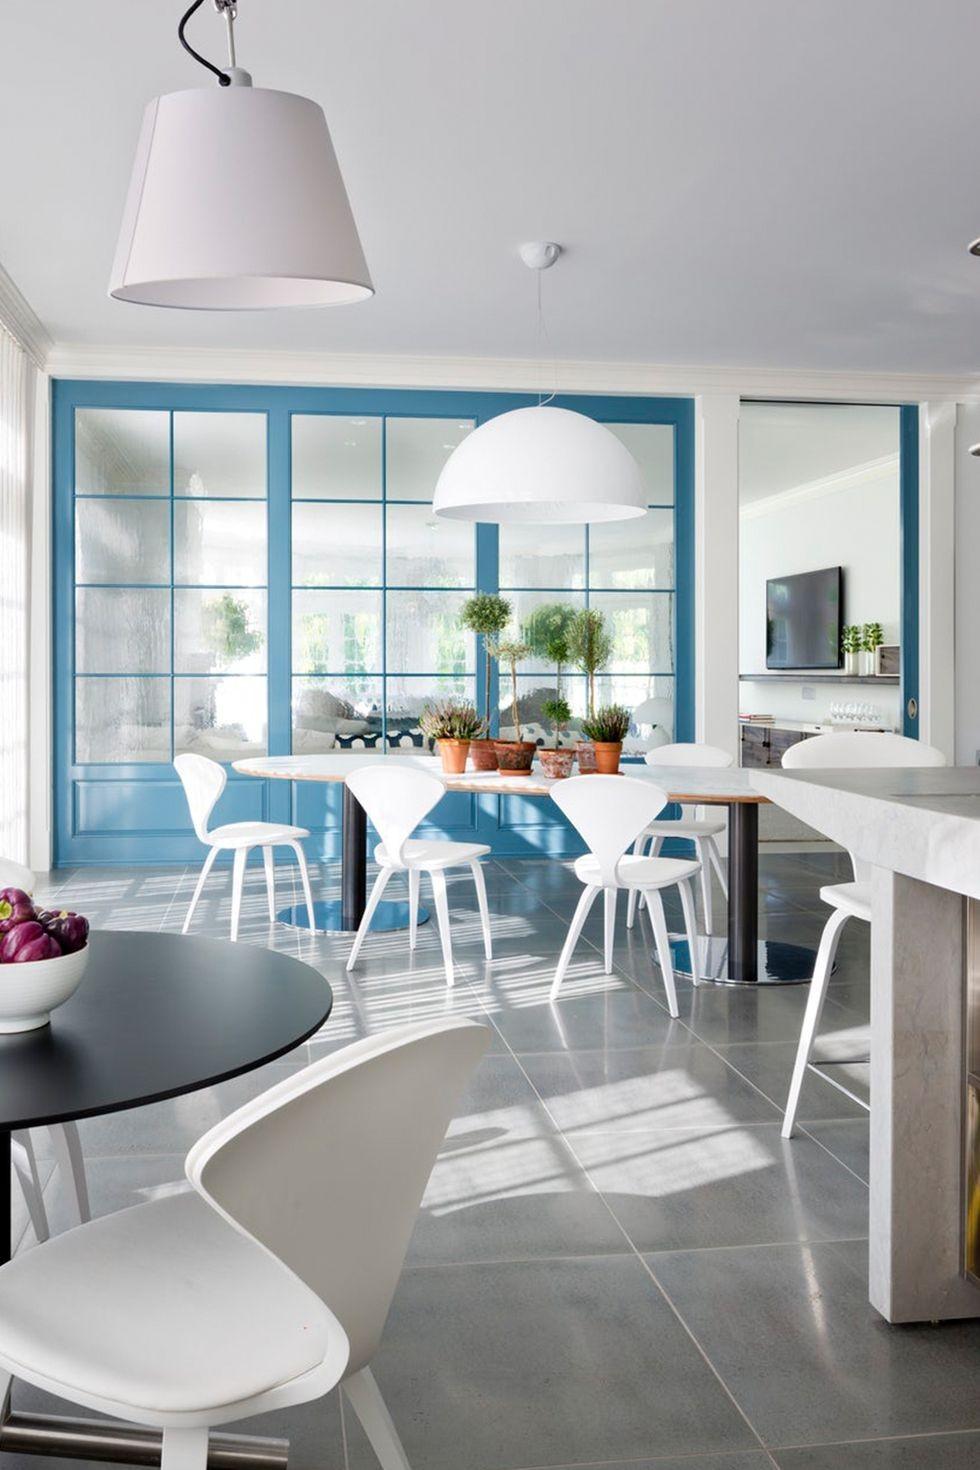 ديكورات باب للمطبخ - باب مطبخ أزرق فرنسي